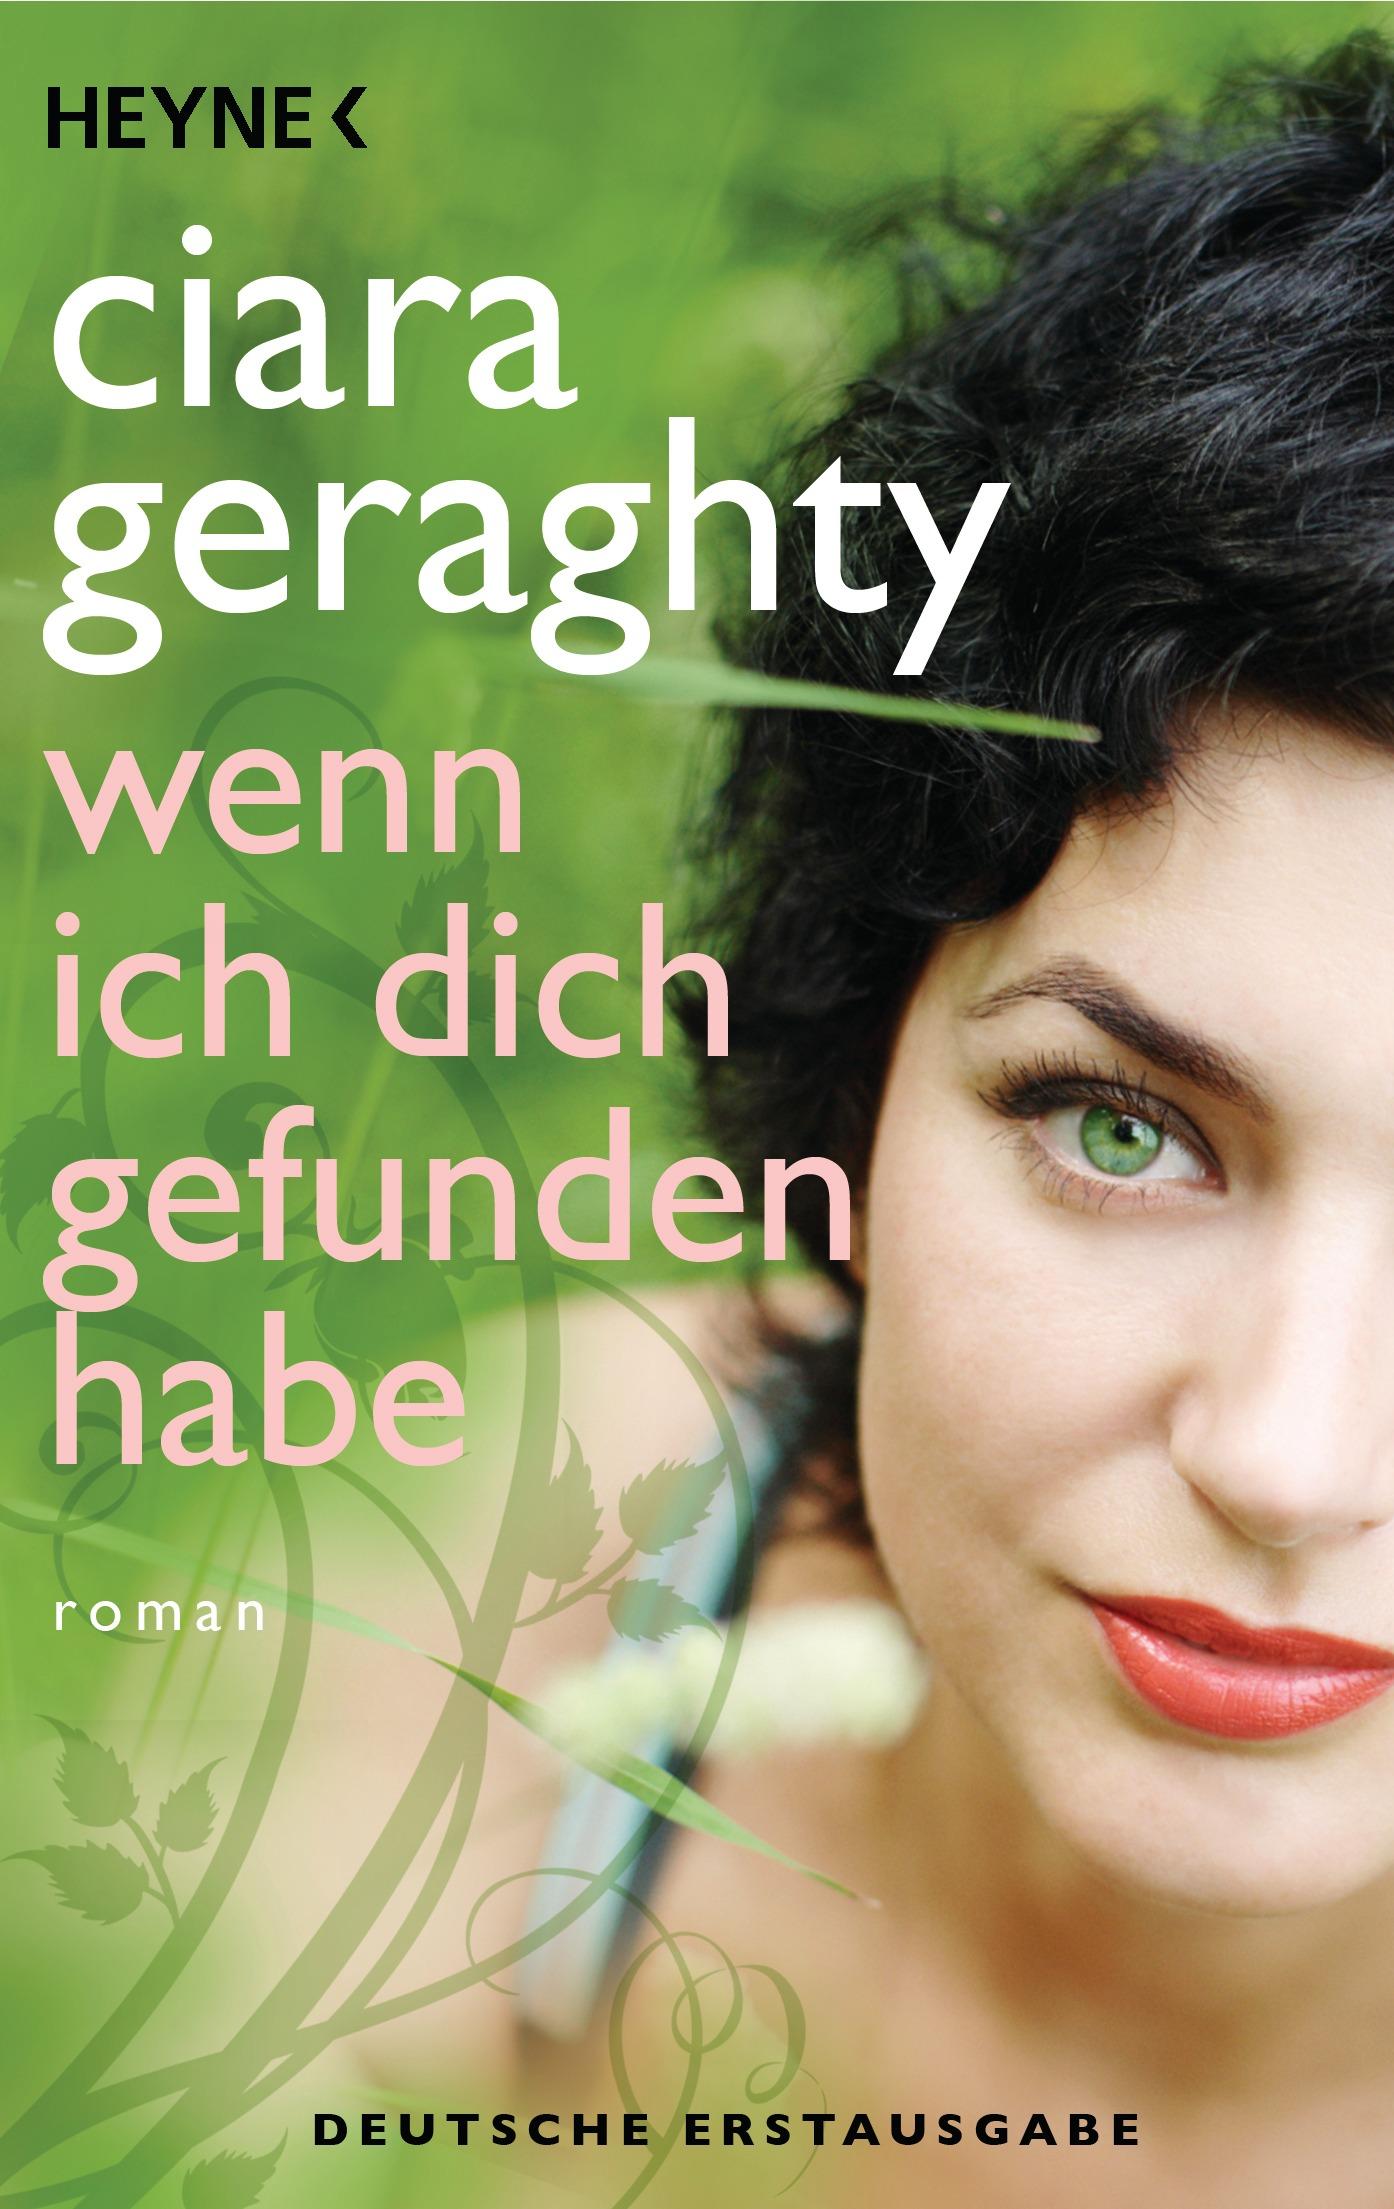 Wenn ich dich gefunden habe: Roman - Geraghty, Ciara